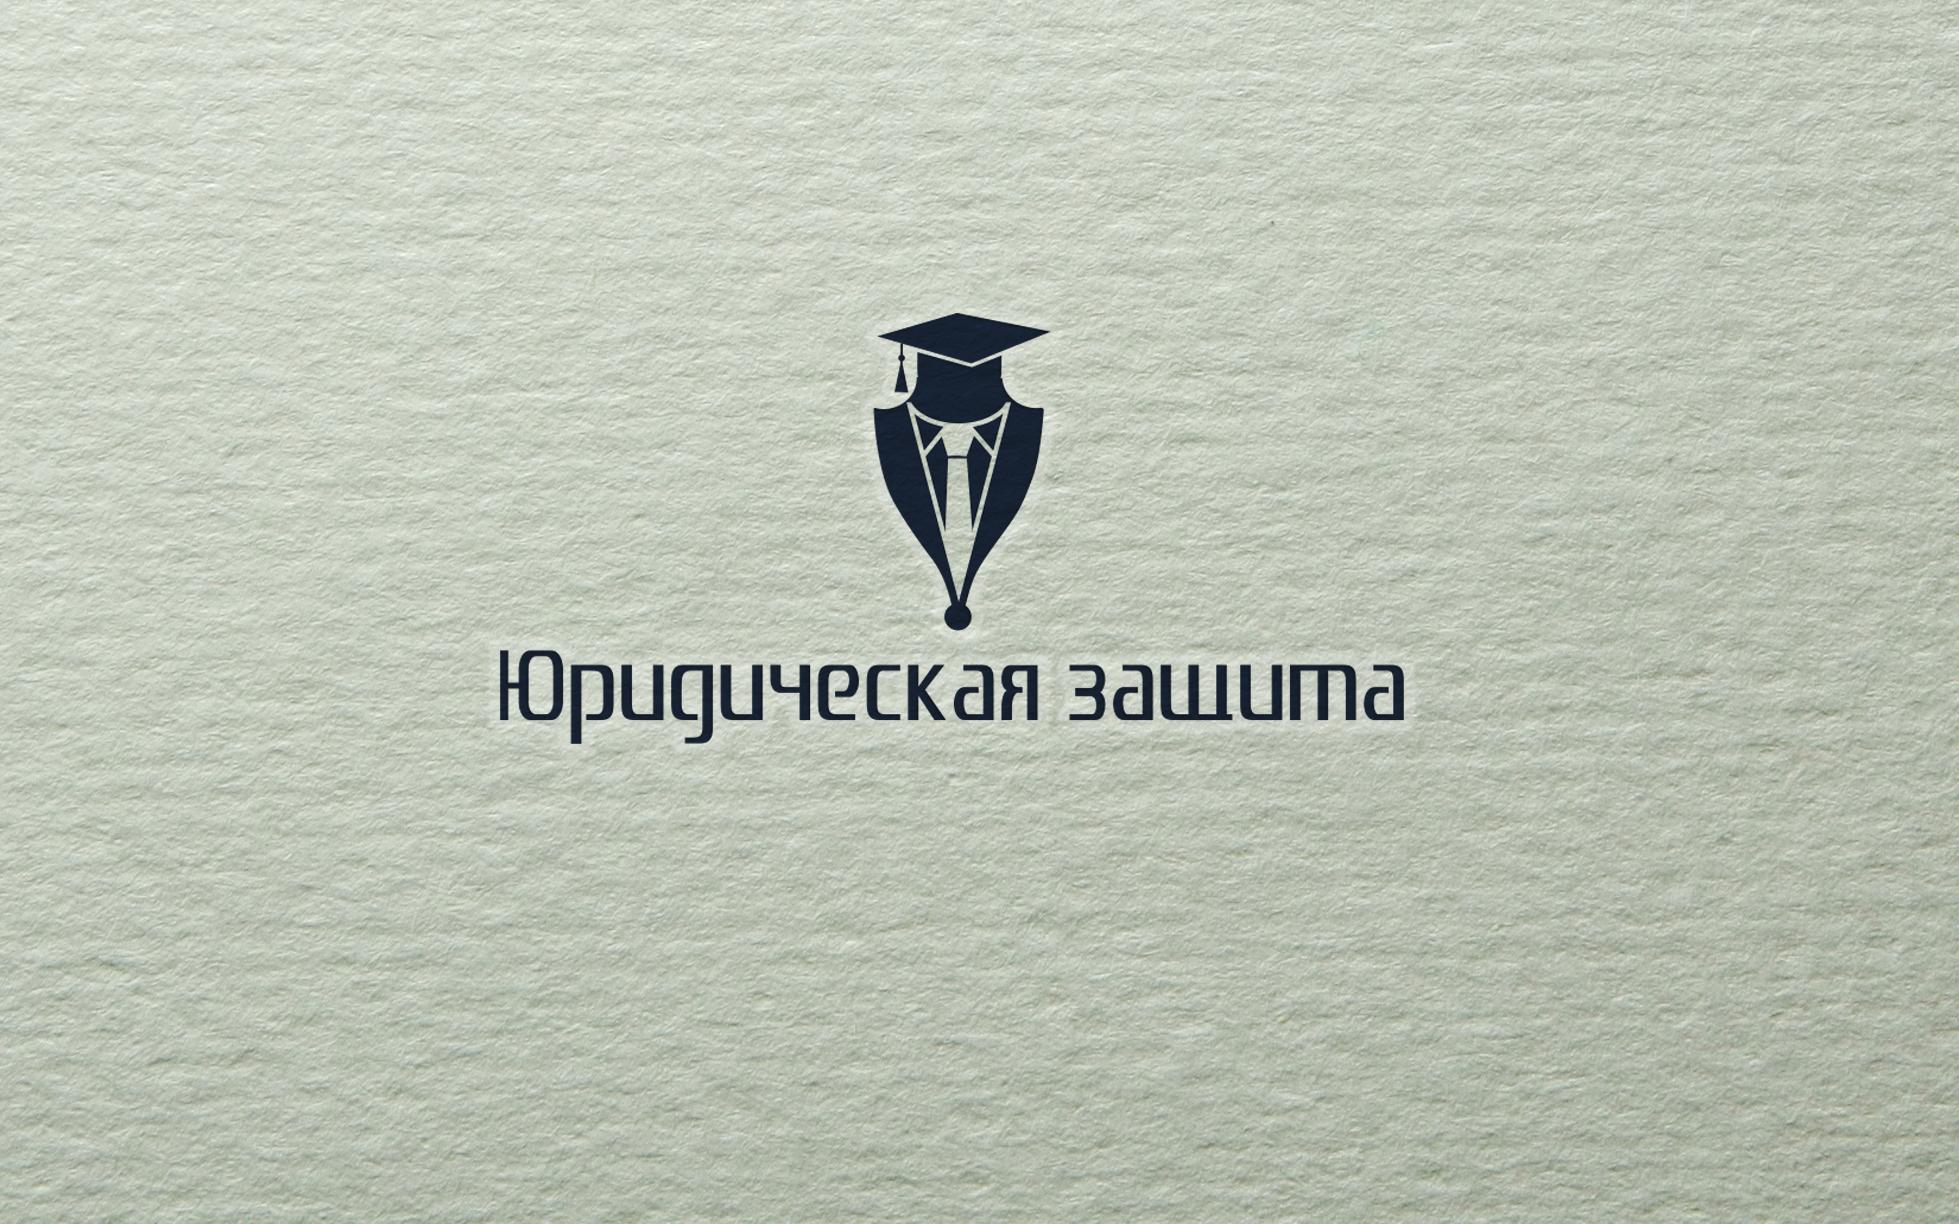 Разработка логотипа для юридической компании фото f_13955e04a98bd06f.jpg